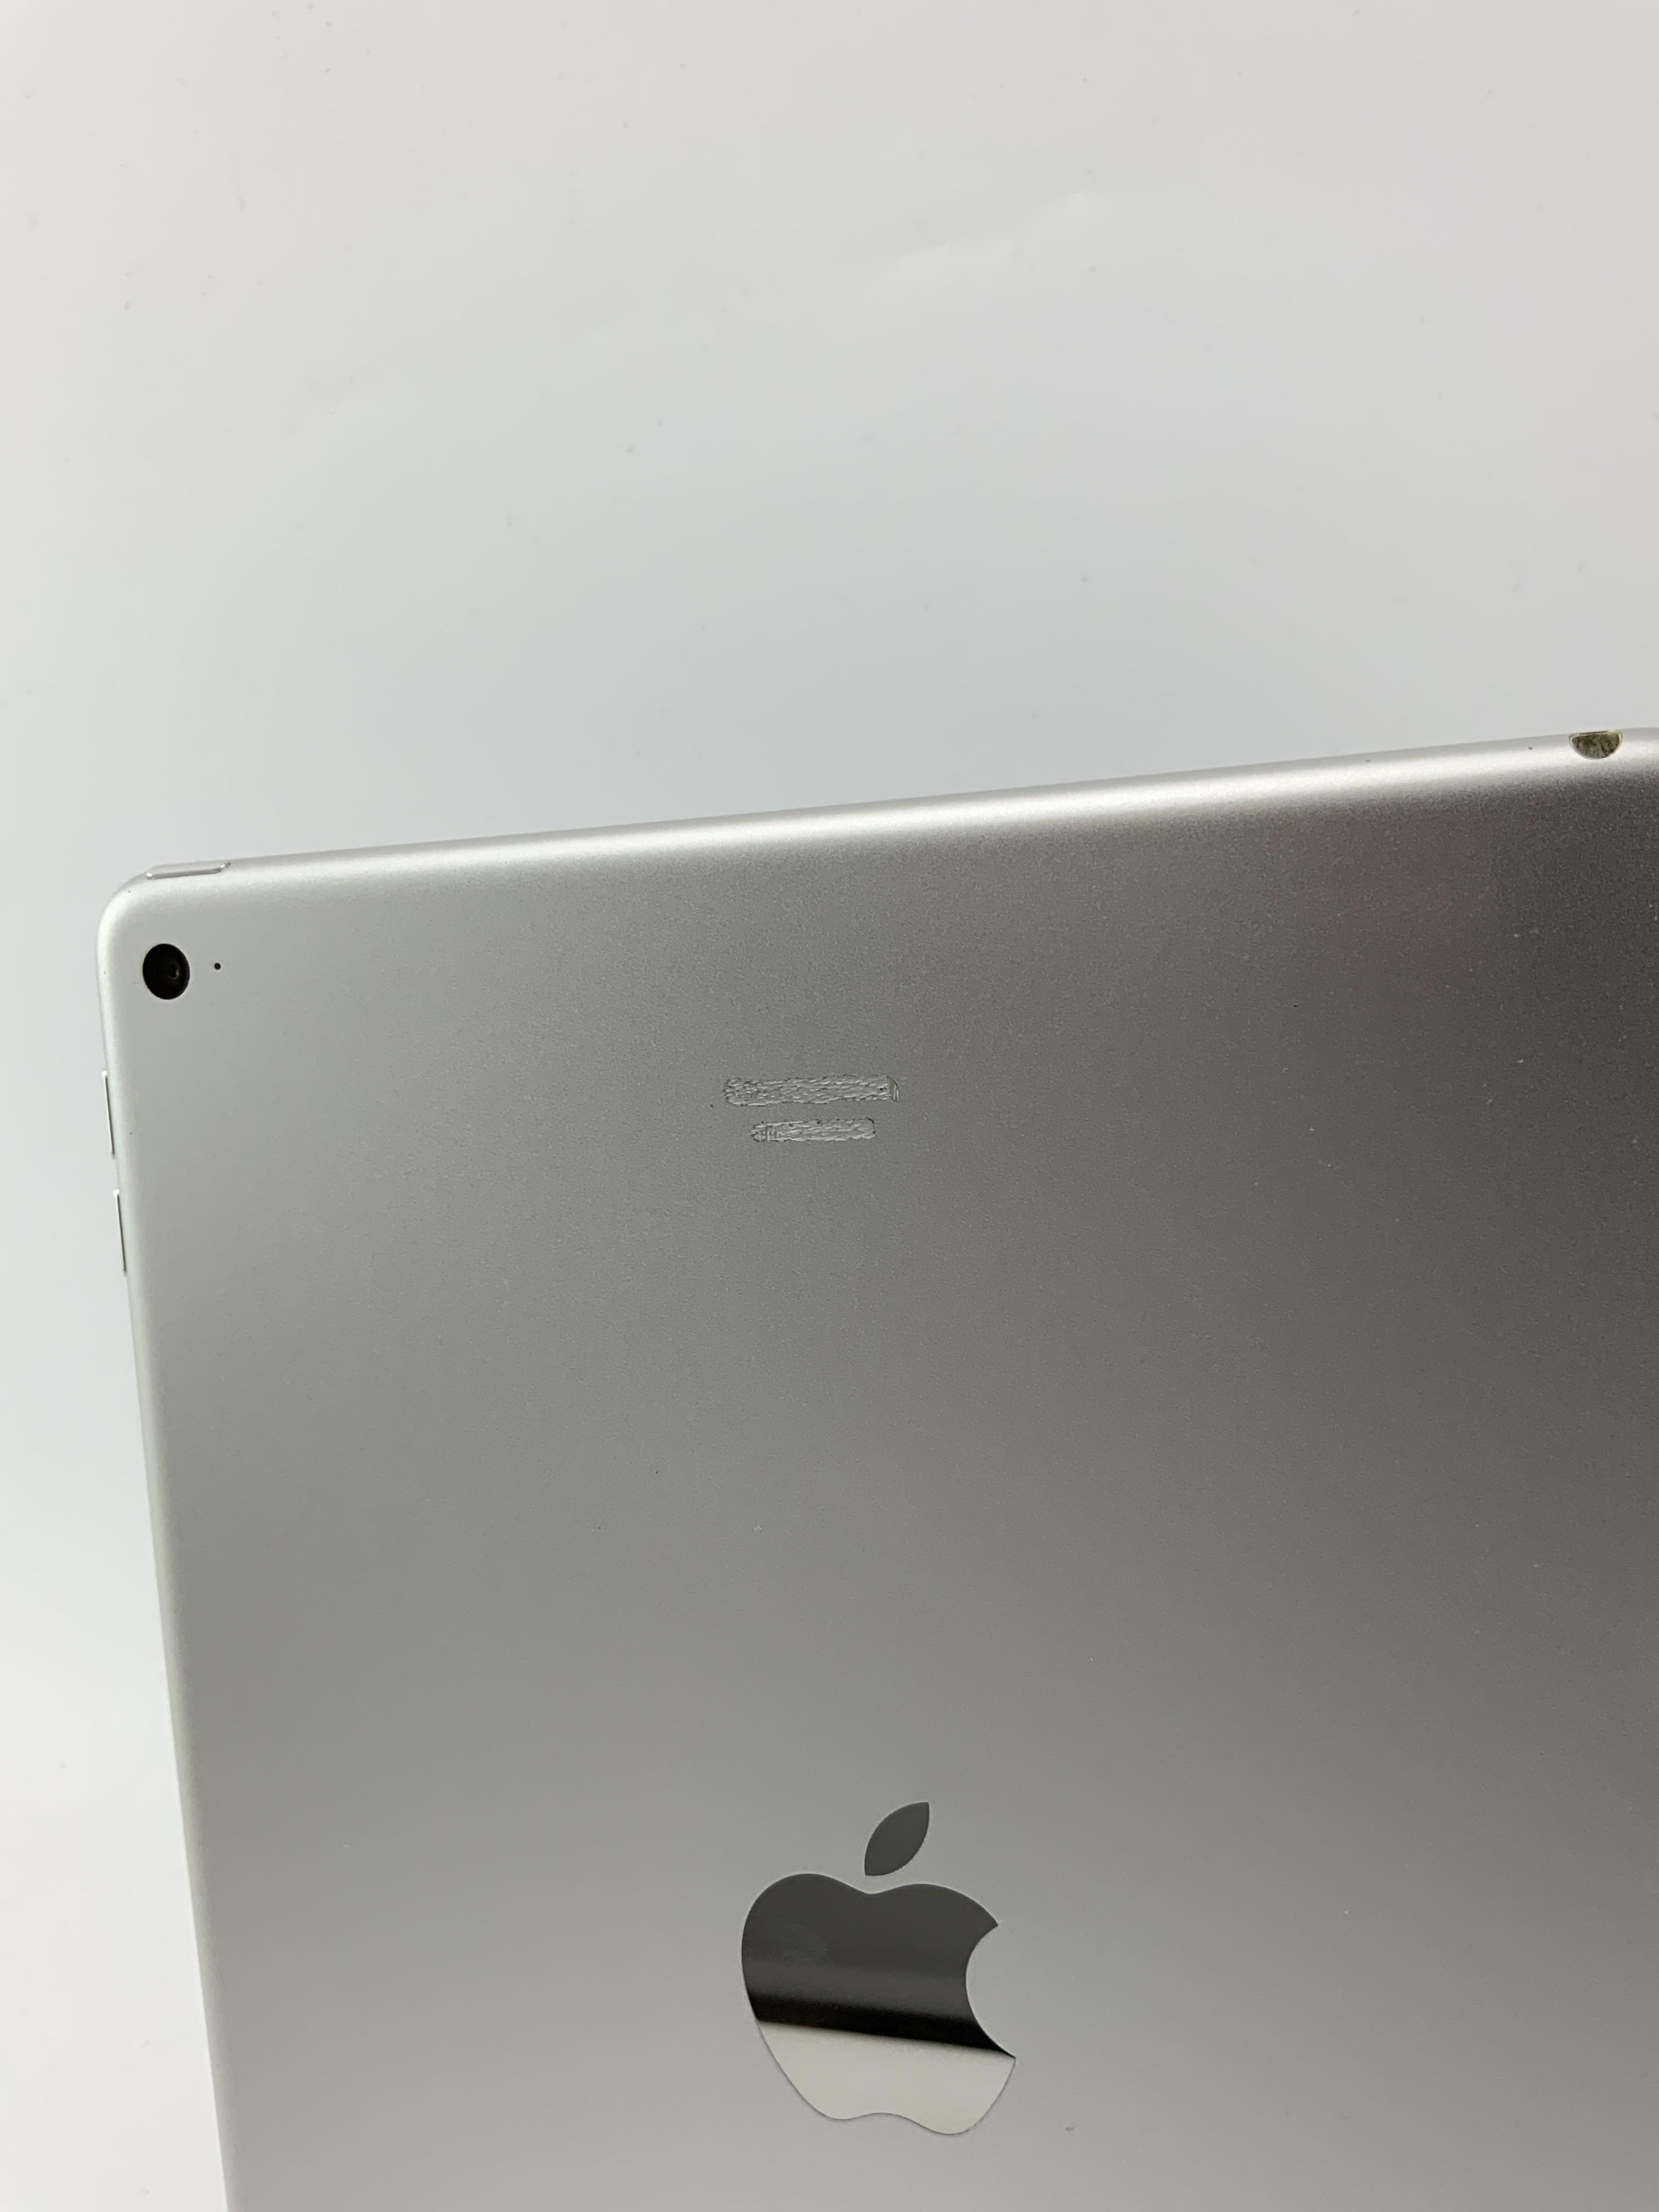 iPad Air 2 Wi-Fi 16GB, 16GB, Silver, bild 3